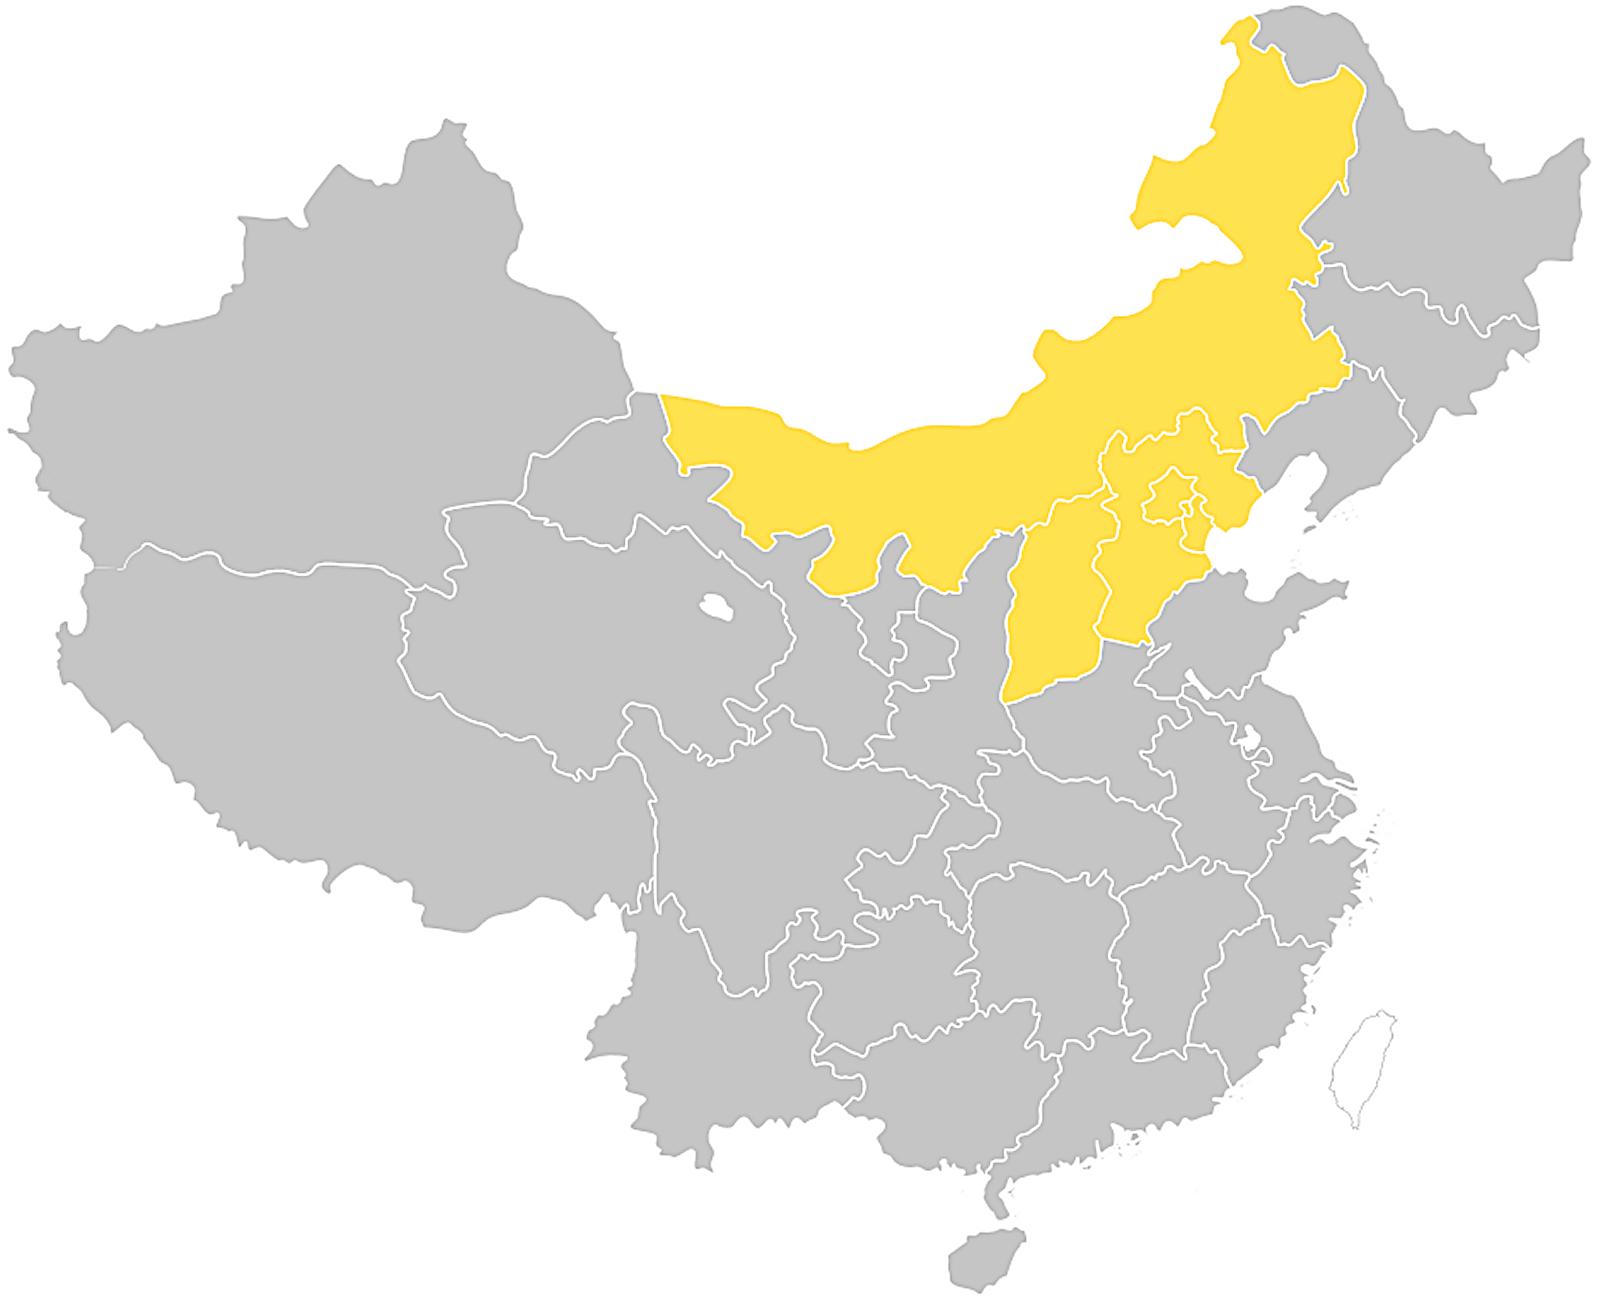 중국 화북 지역